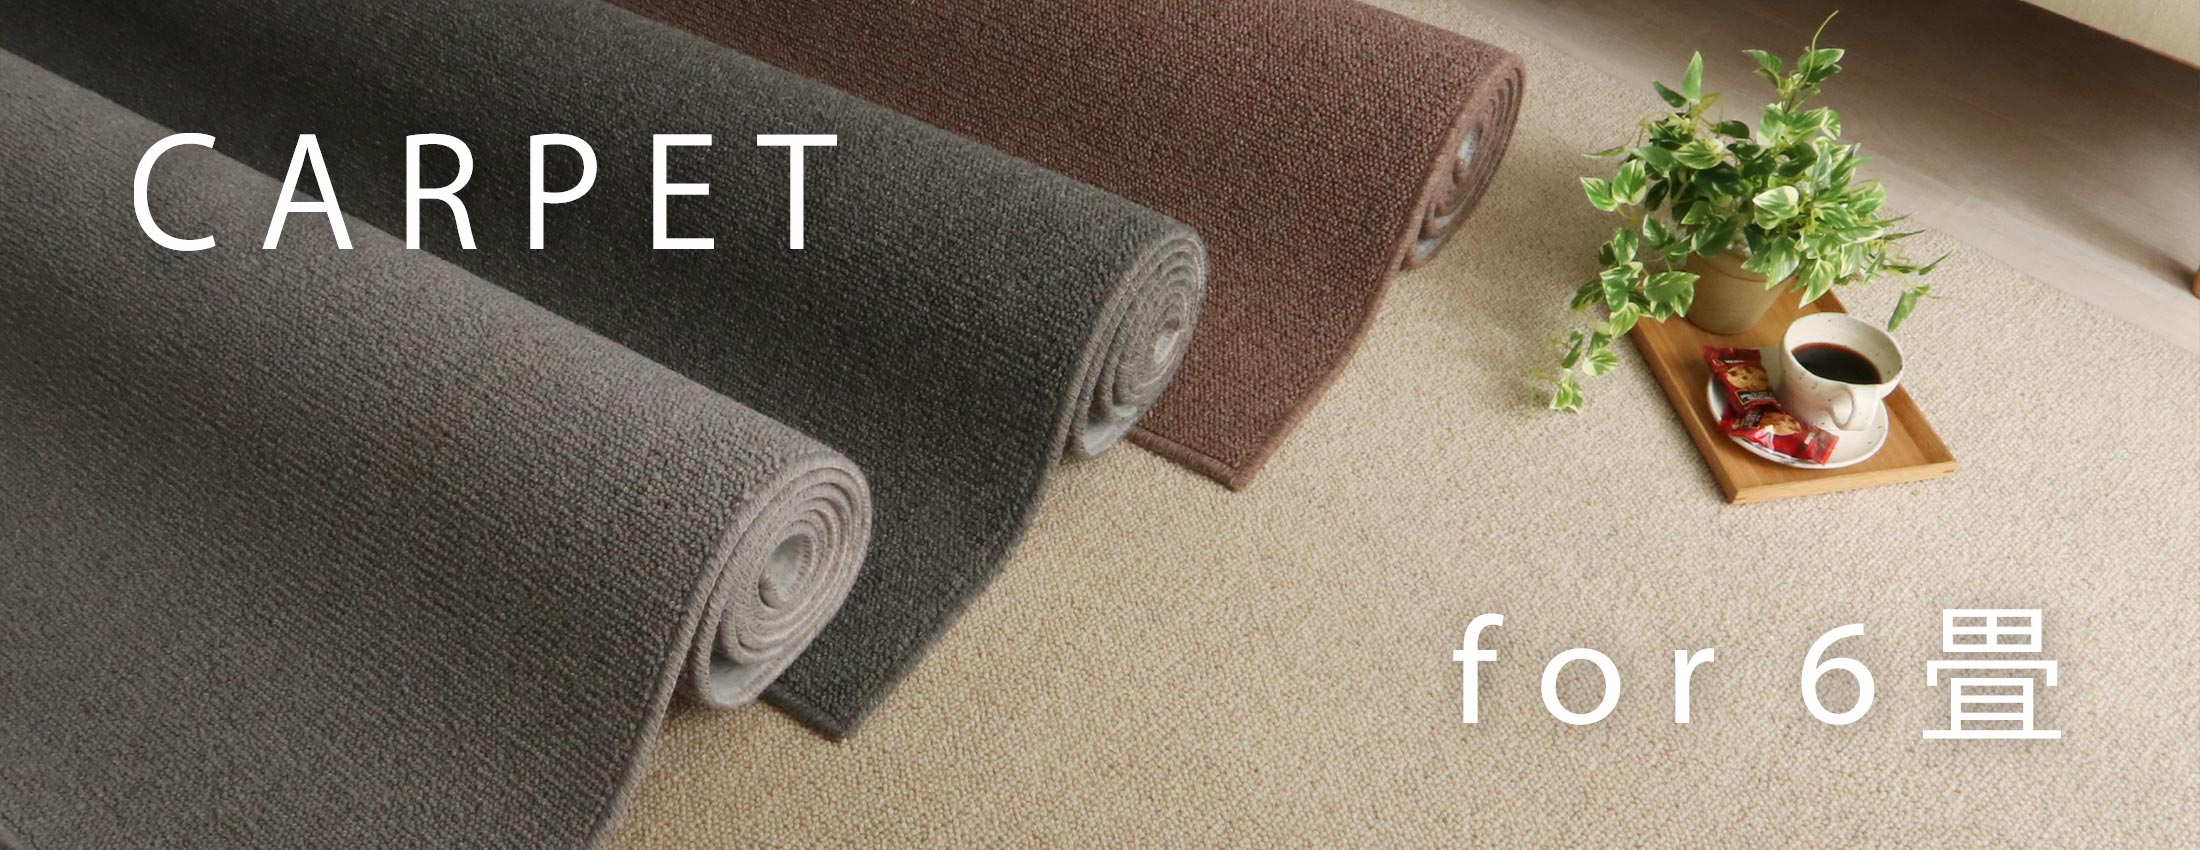 6畳カーペット